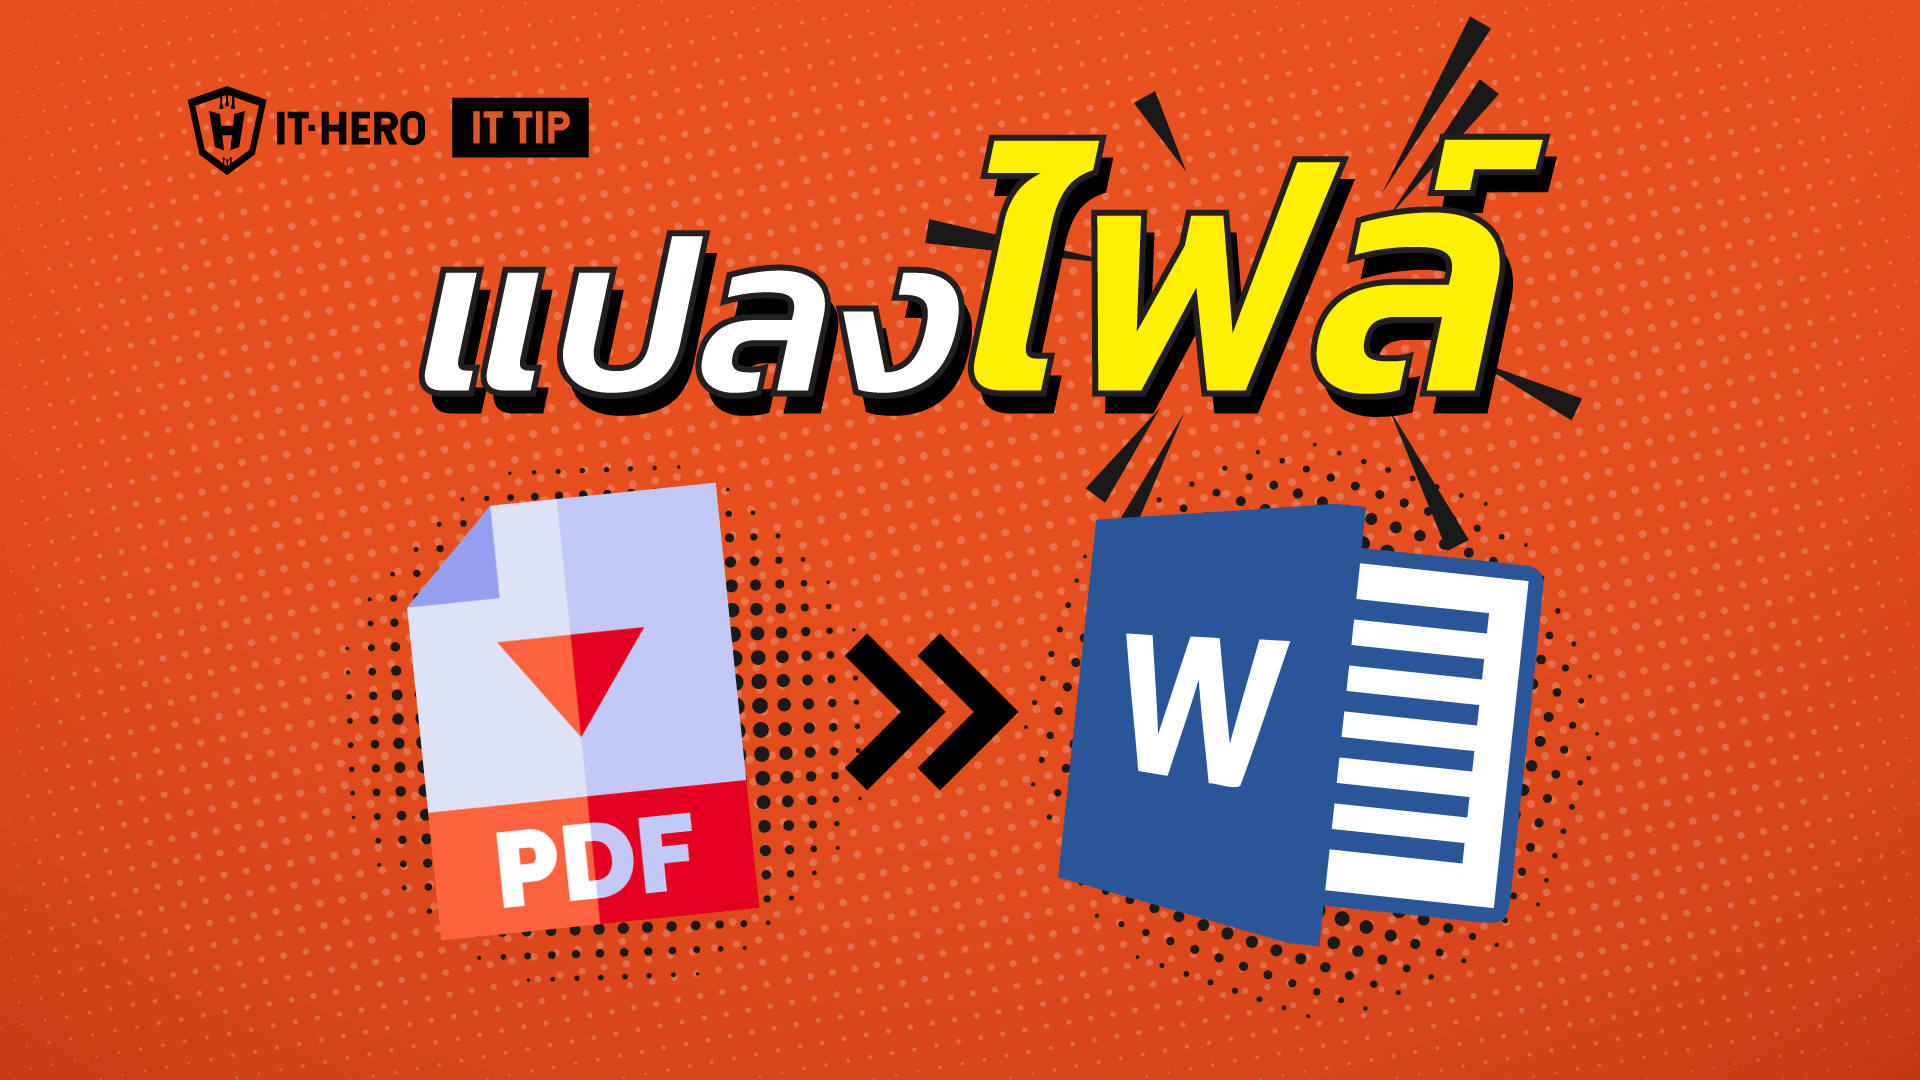 วิธีการแปลงไฟล์ PDF เป็นไฟล์ word